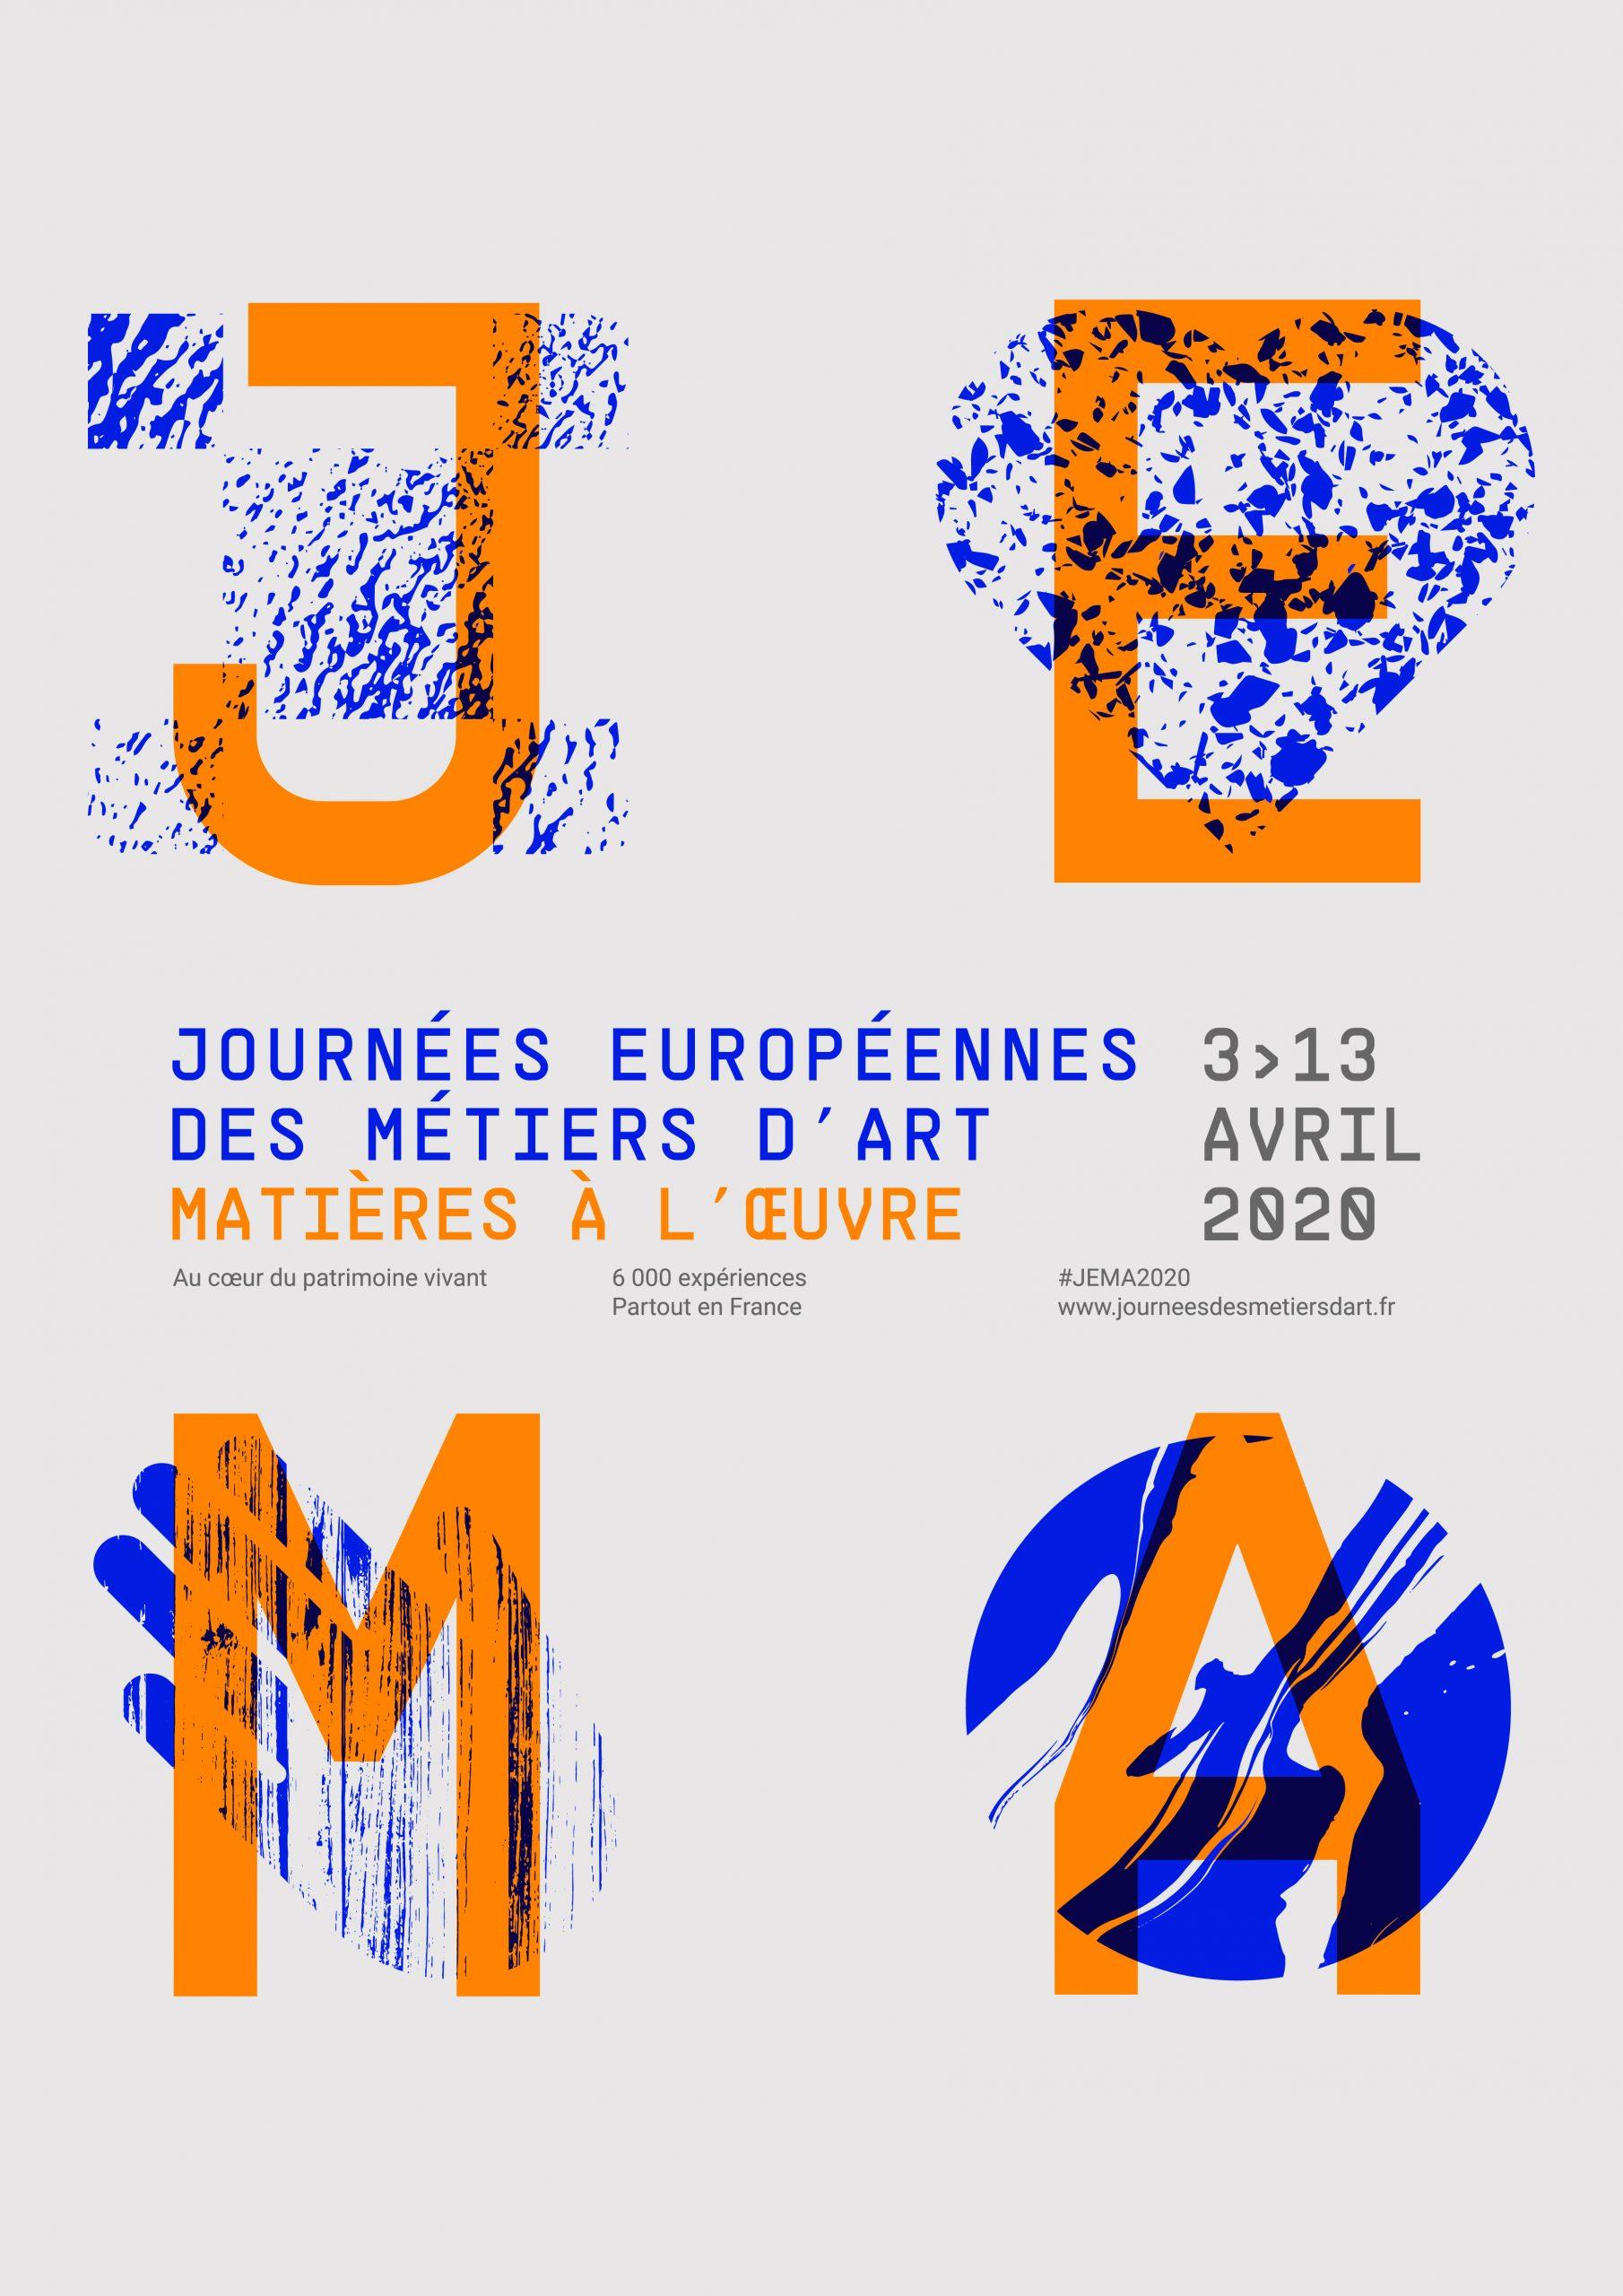 Journées Européennes des Métiers d'Art 2020 – Matière à l'oeuvre